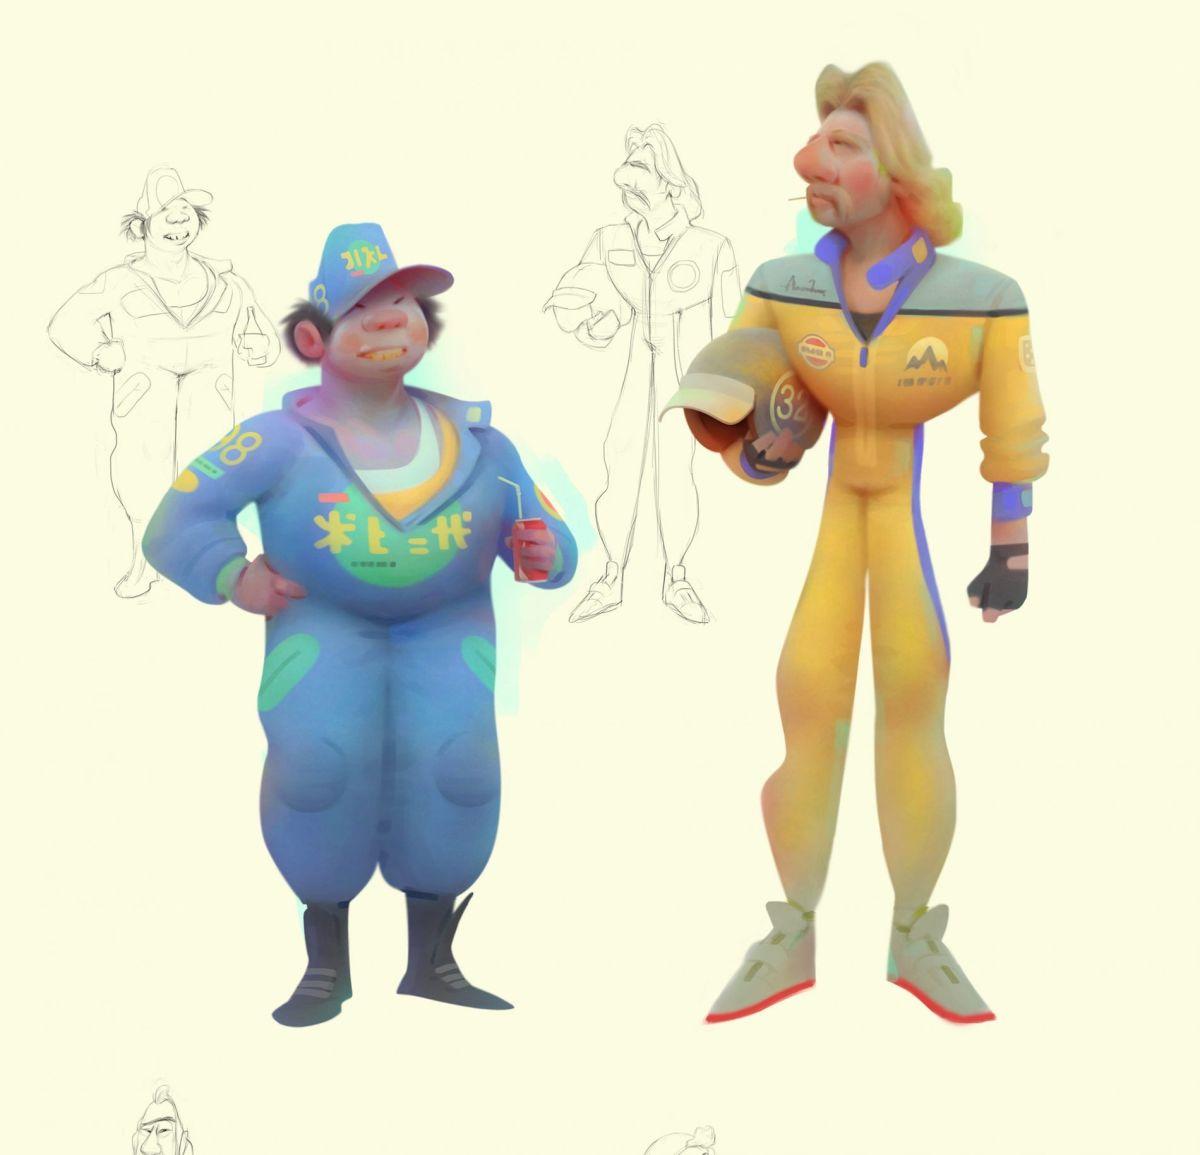 El diseño de personajes de Aleksey Baydakov